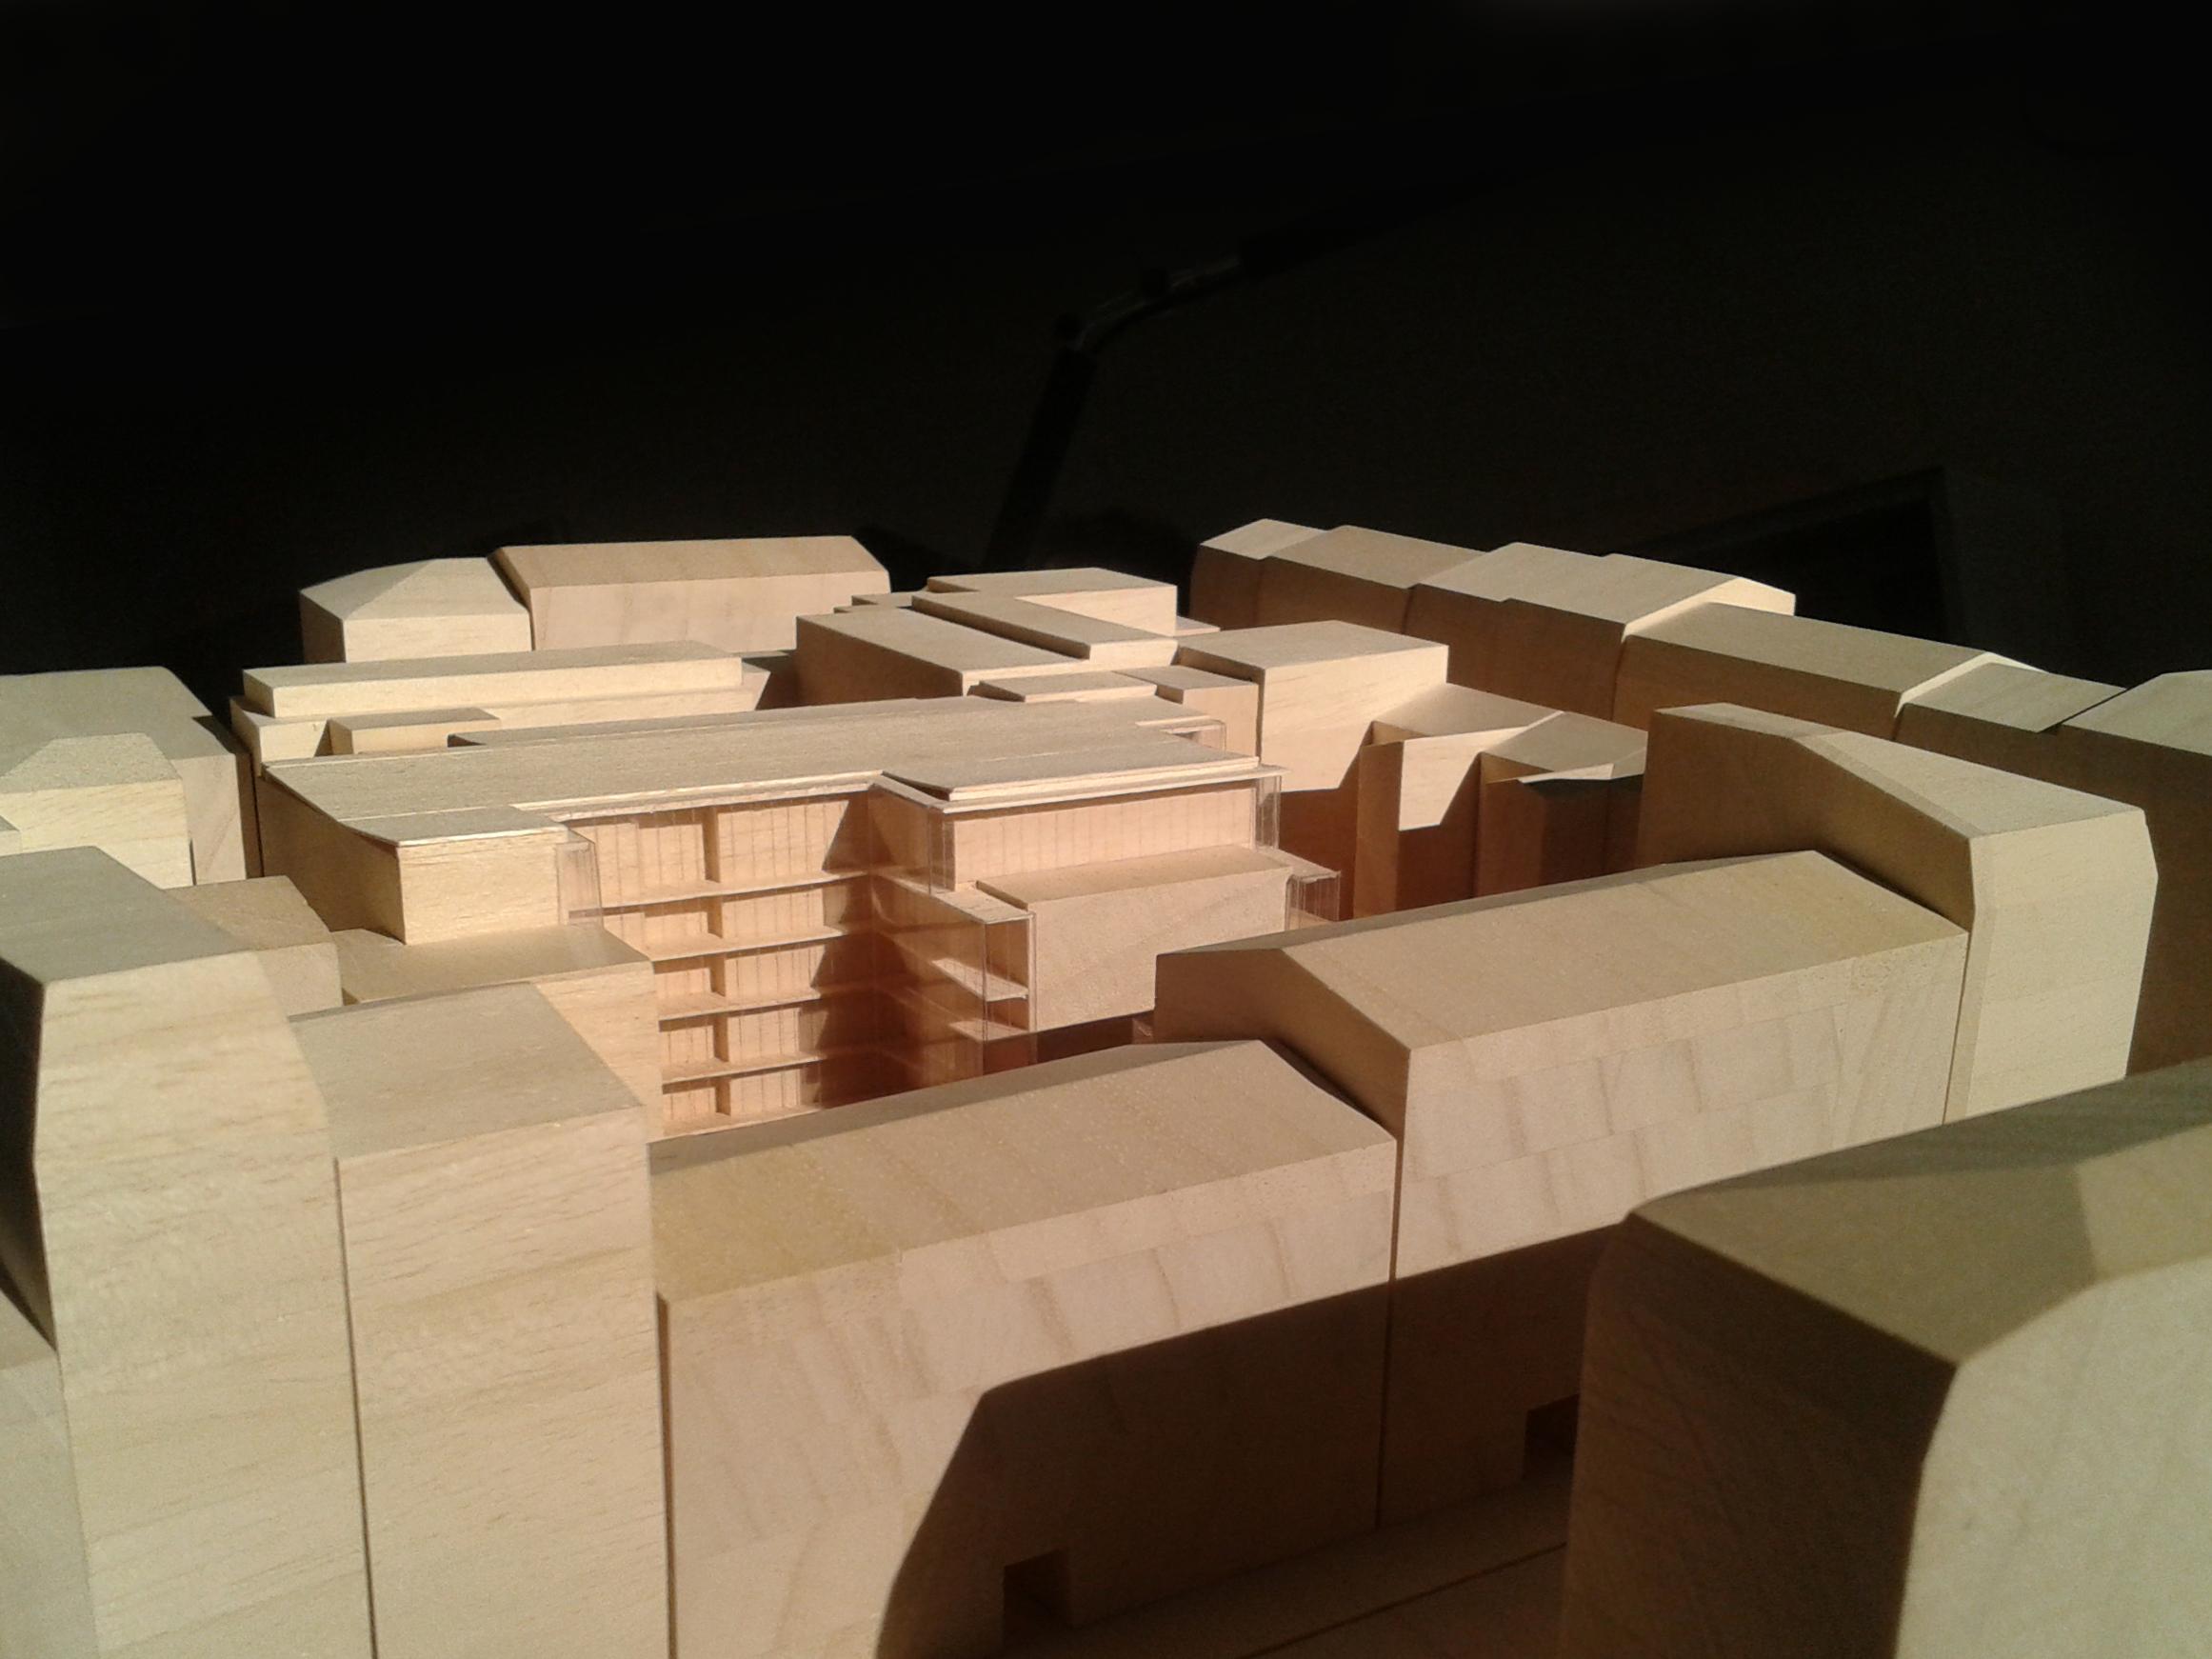 maquette architecture lyon